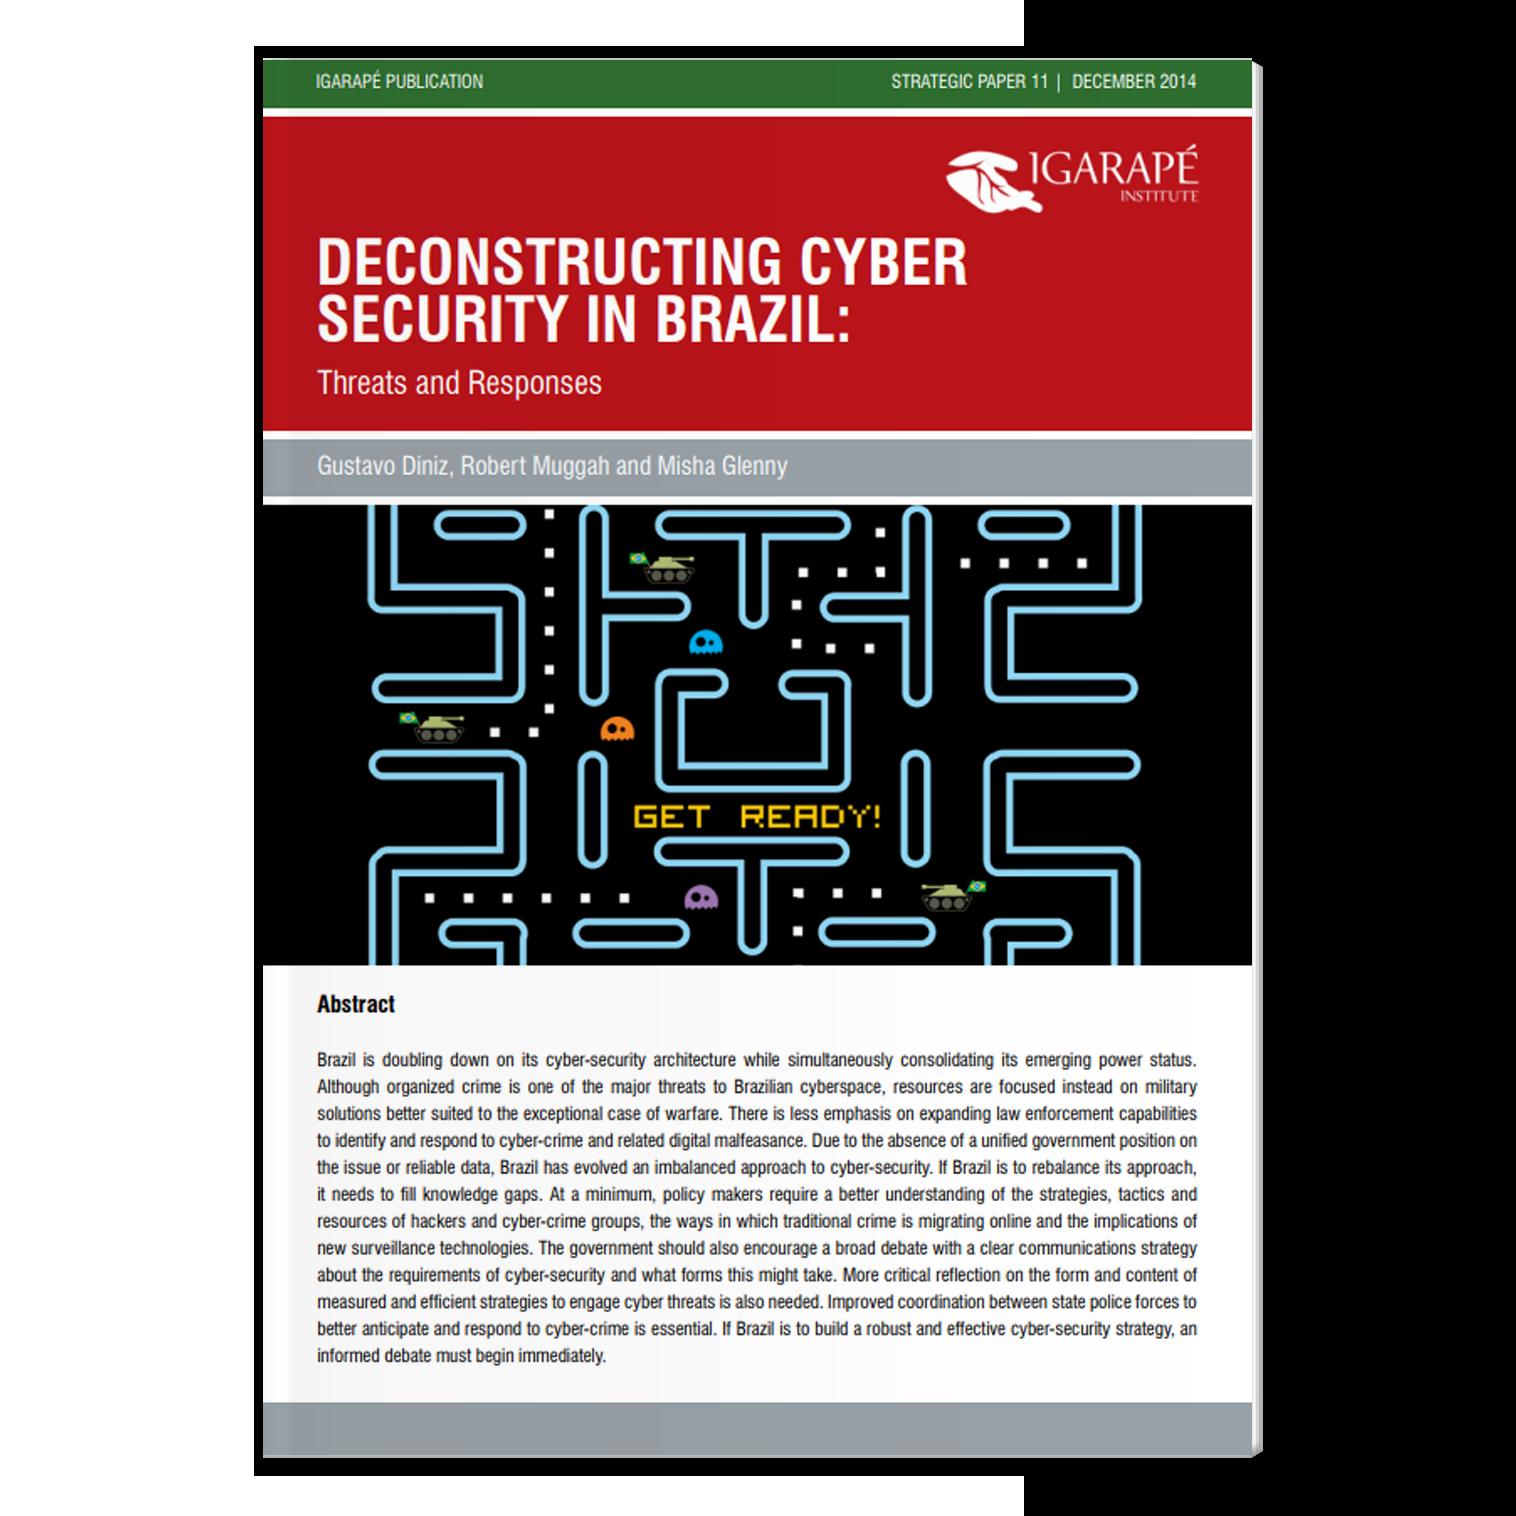 SP11 Desconstruindo a segurança cibernética